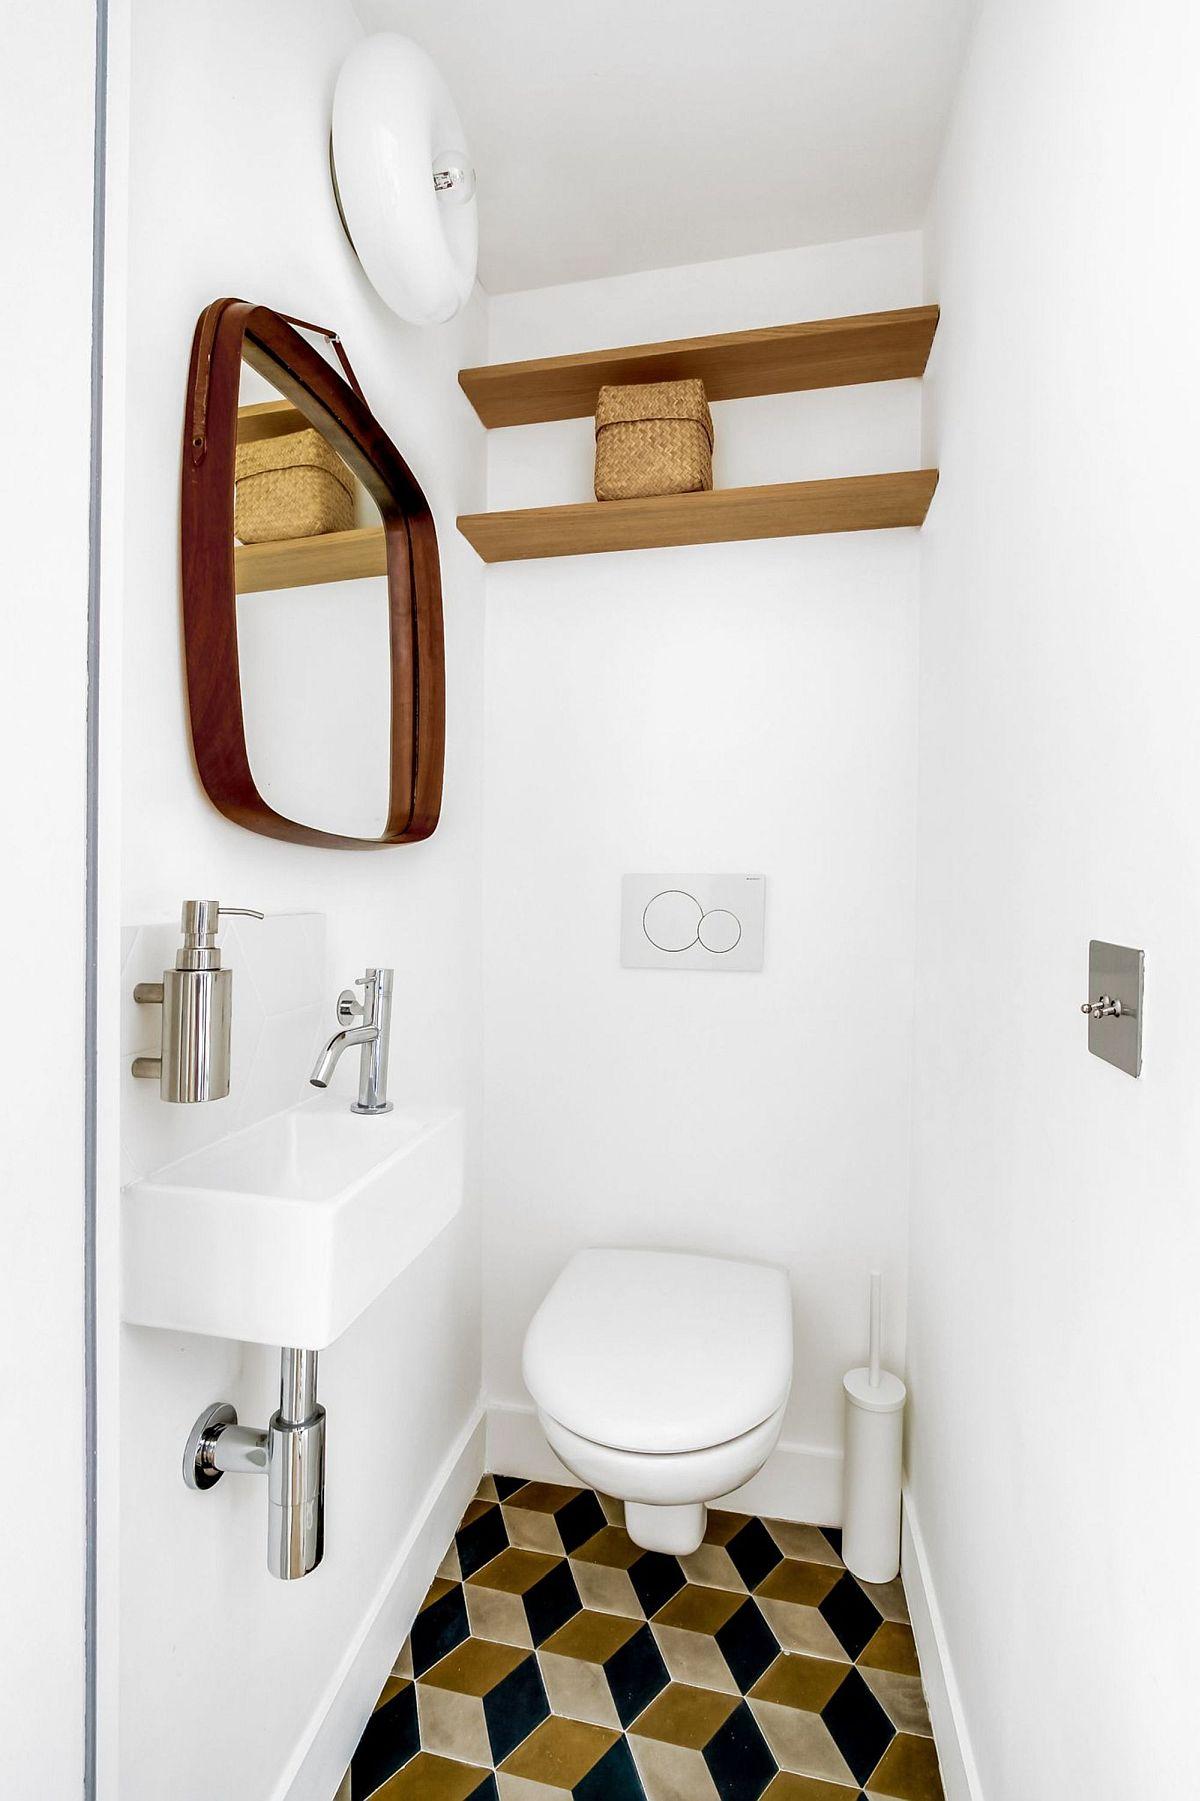 Toaleta de serviciu este simplu, dar plăcut amenajată cu un lavoar special ales pentru spații mici. Piesele din lemn și pardoseala sunt în ton cu amenajarea din zona de zi, detalii care fac acest spațiu mic mai puțin claustrofobic.